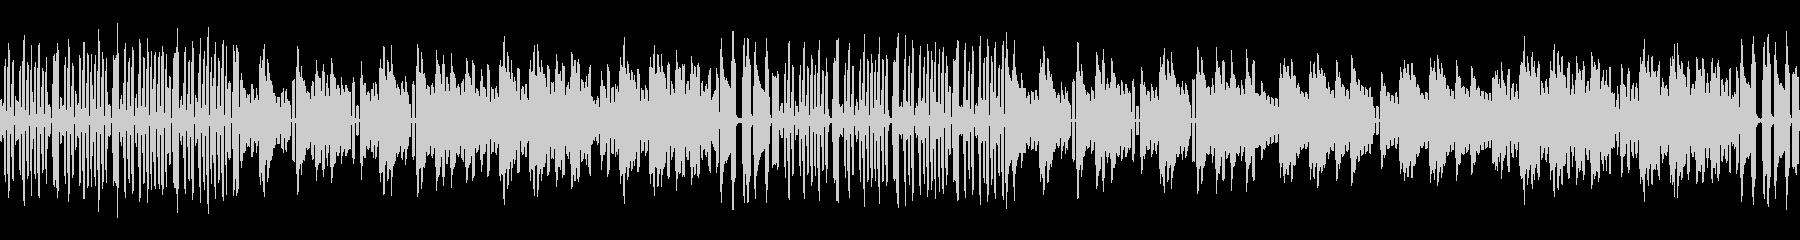 ネオ・8ビットタウンのシンプル版 ループの未再生の波形